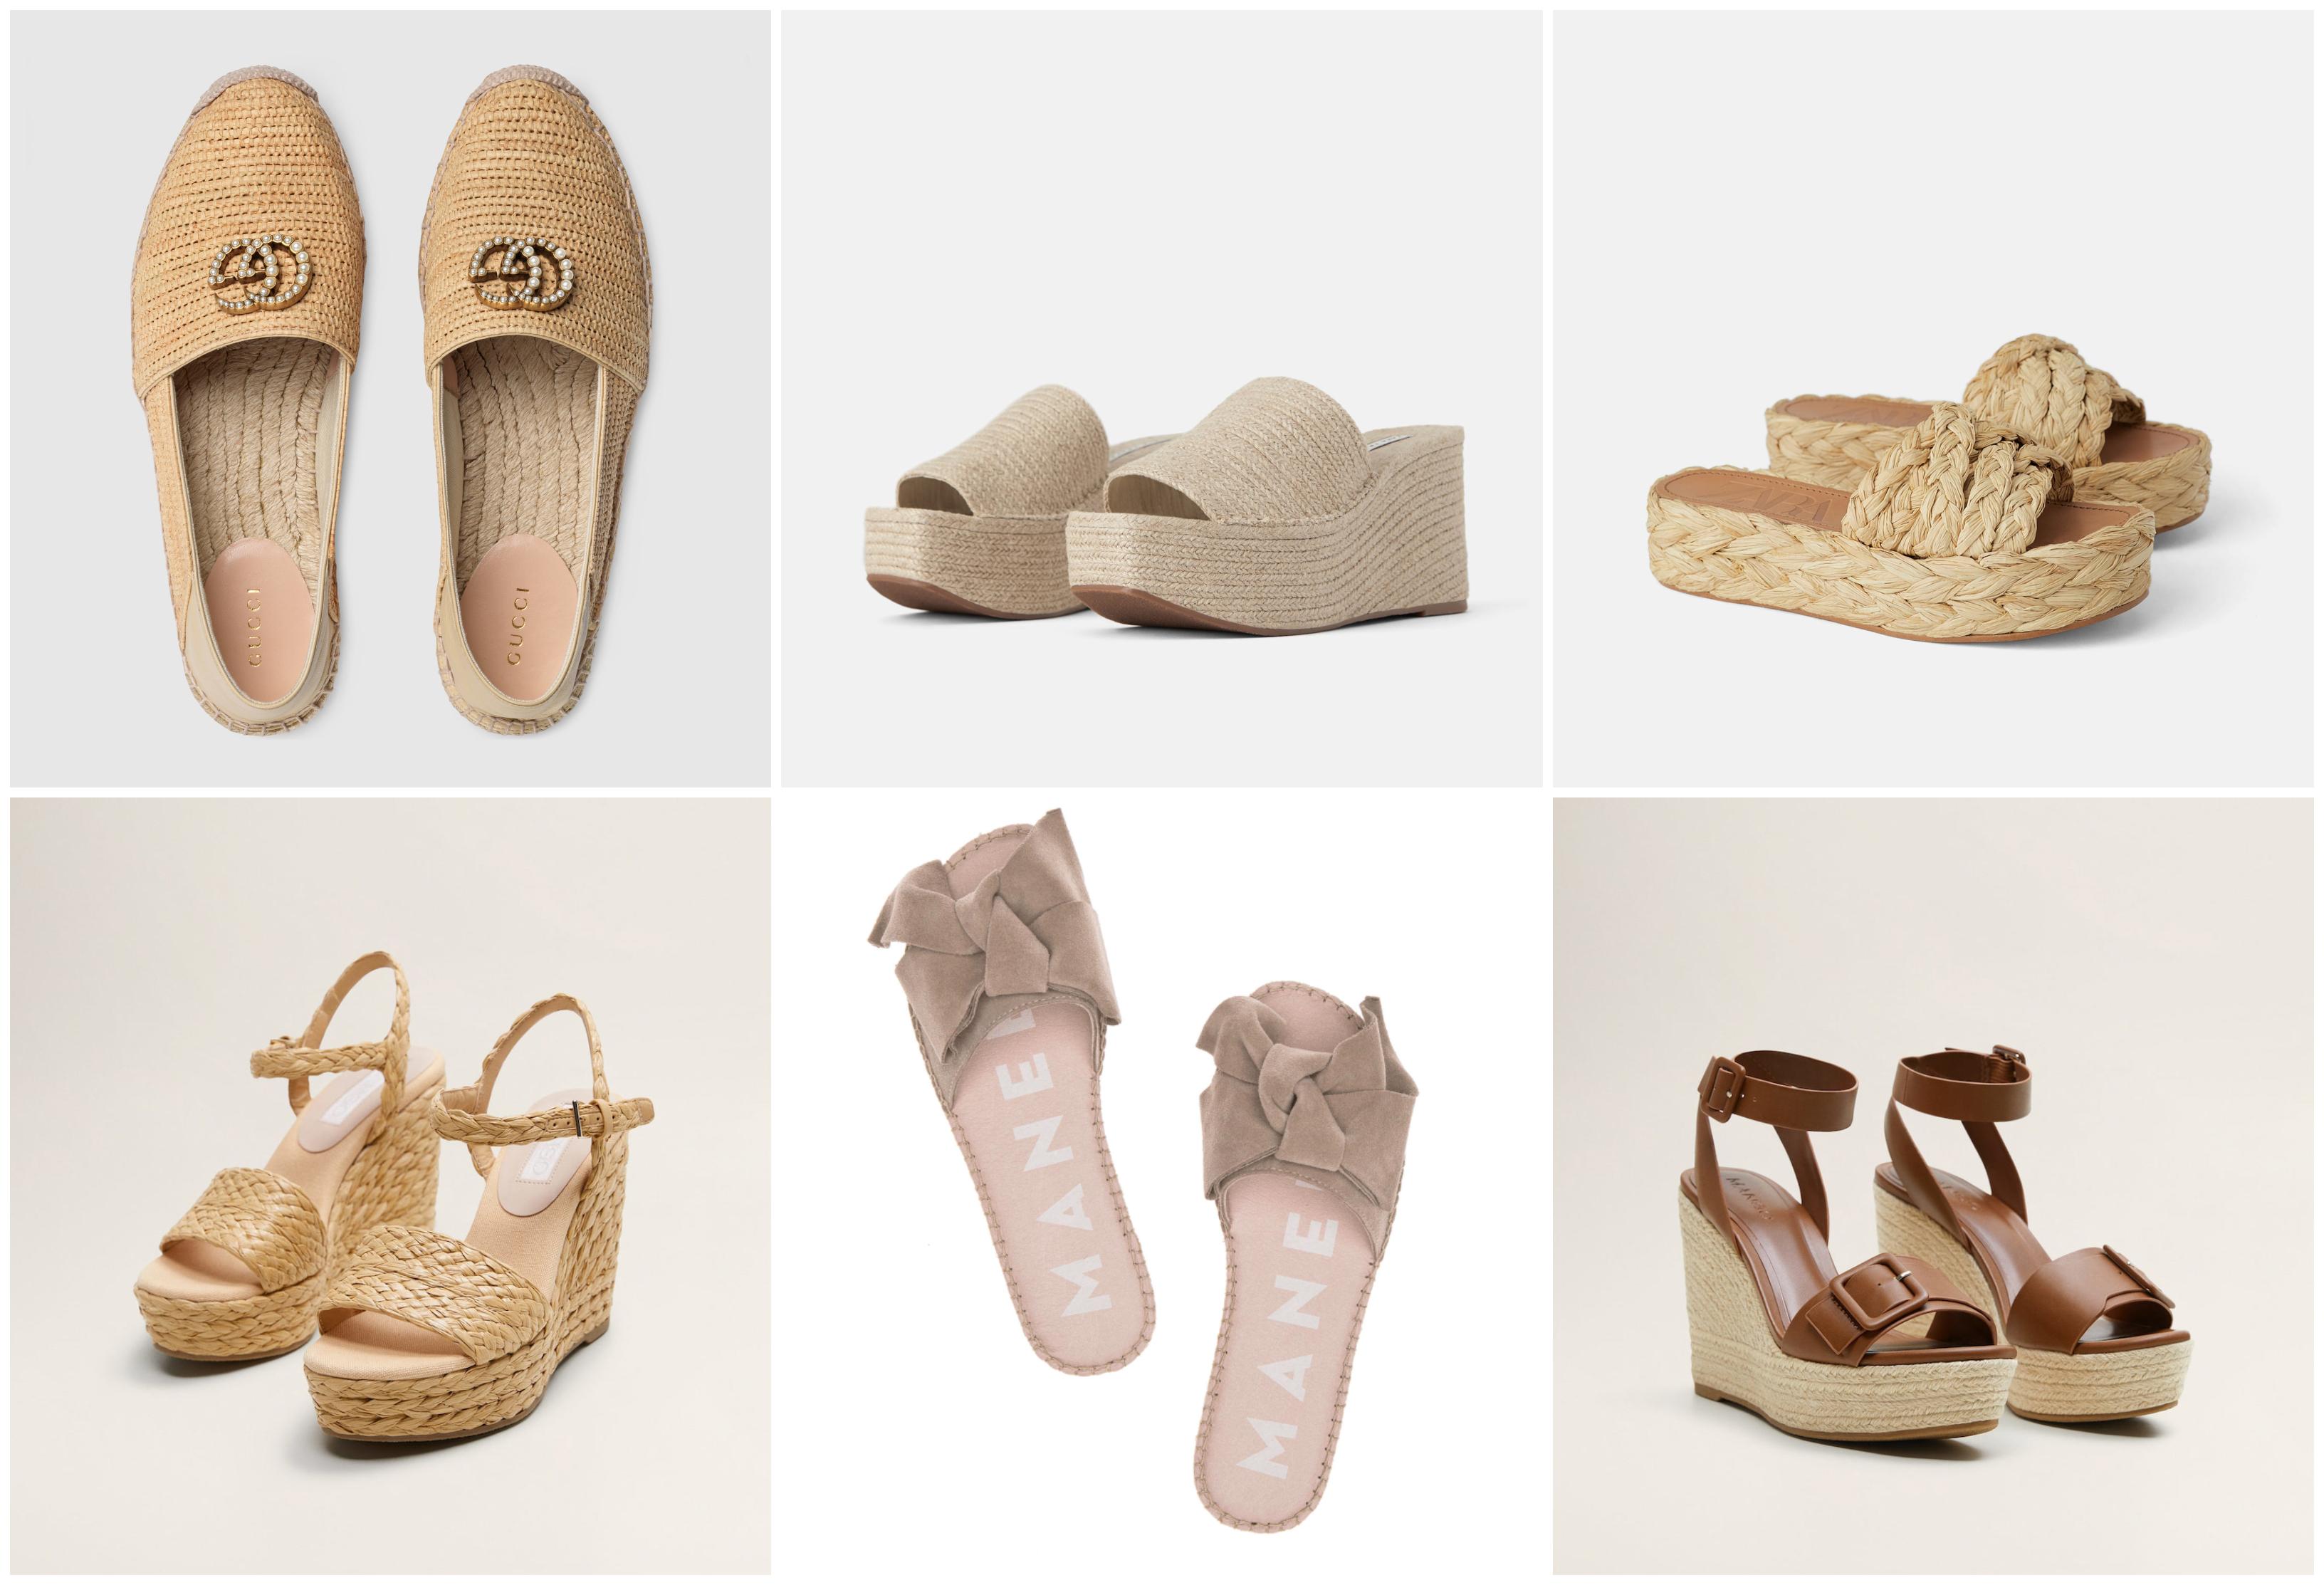 sandals-collage.jpg